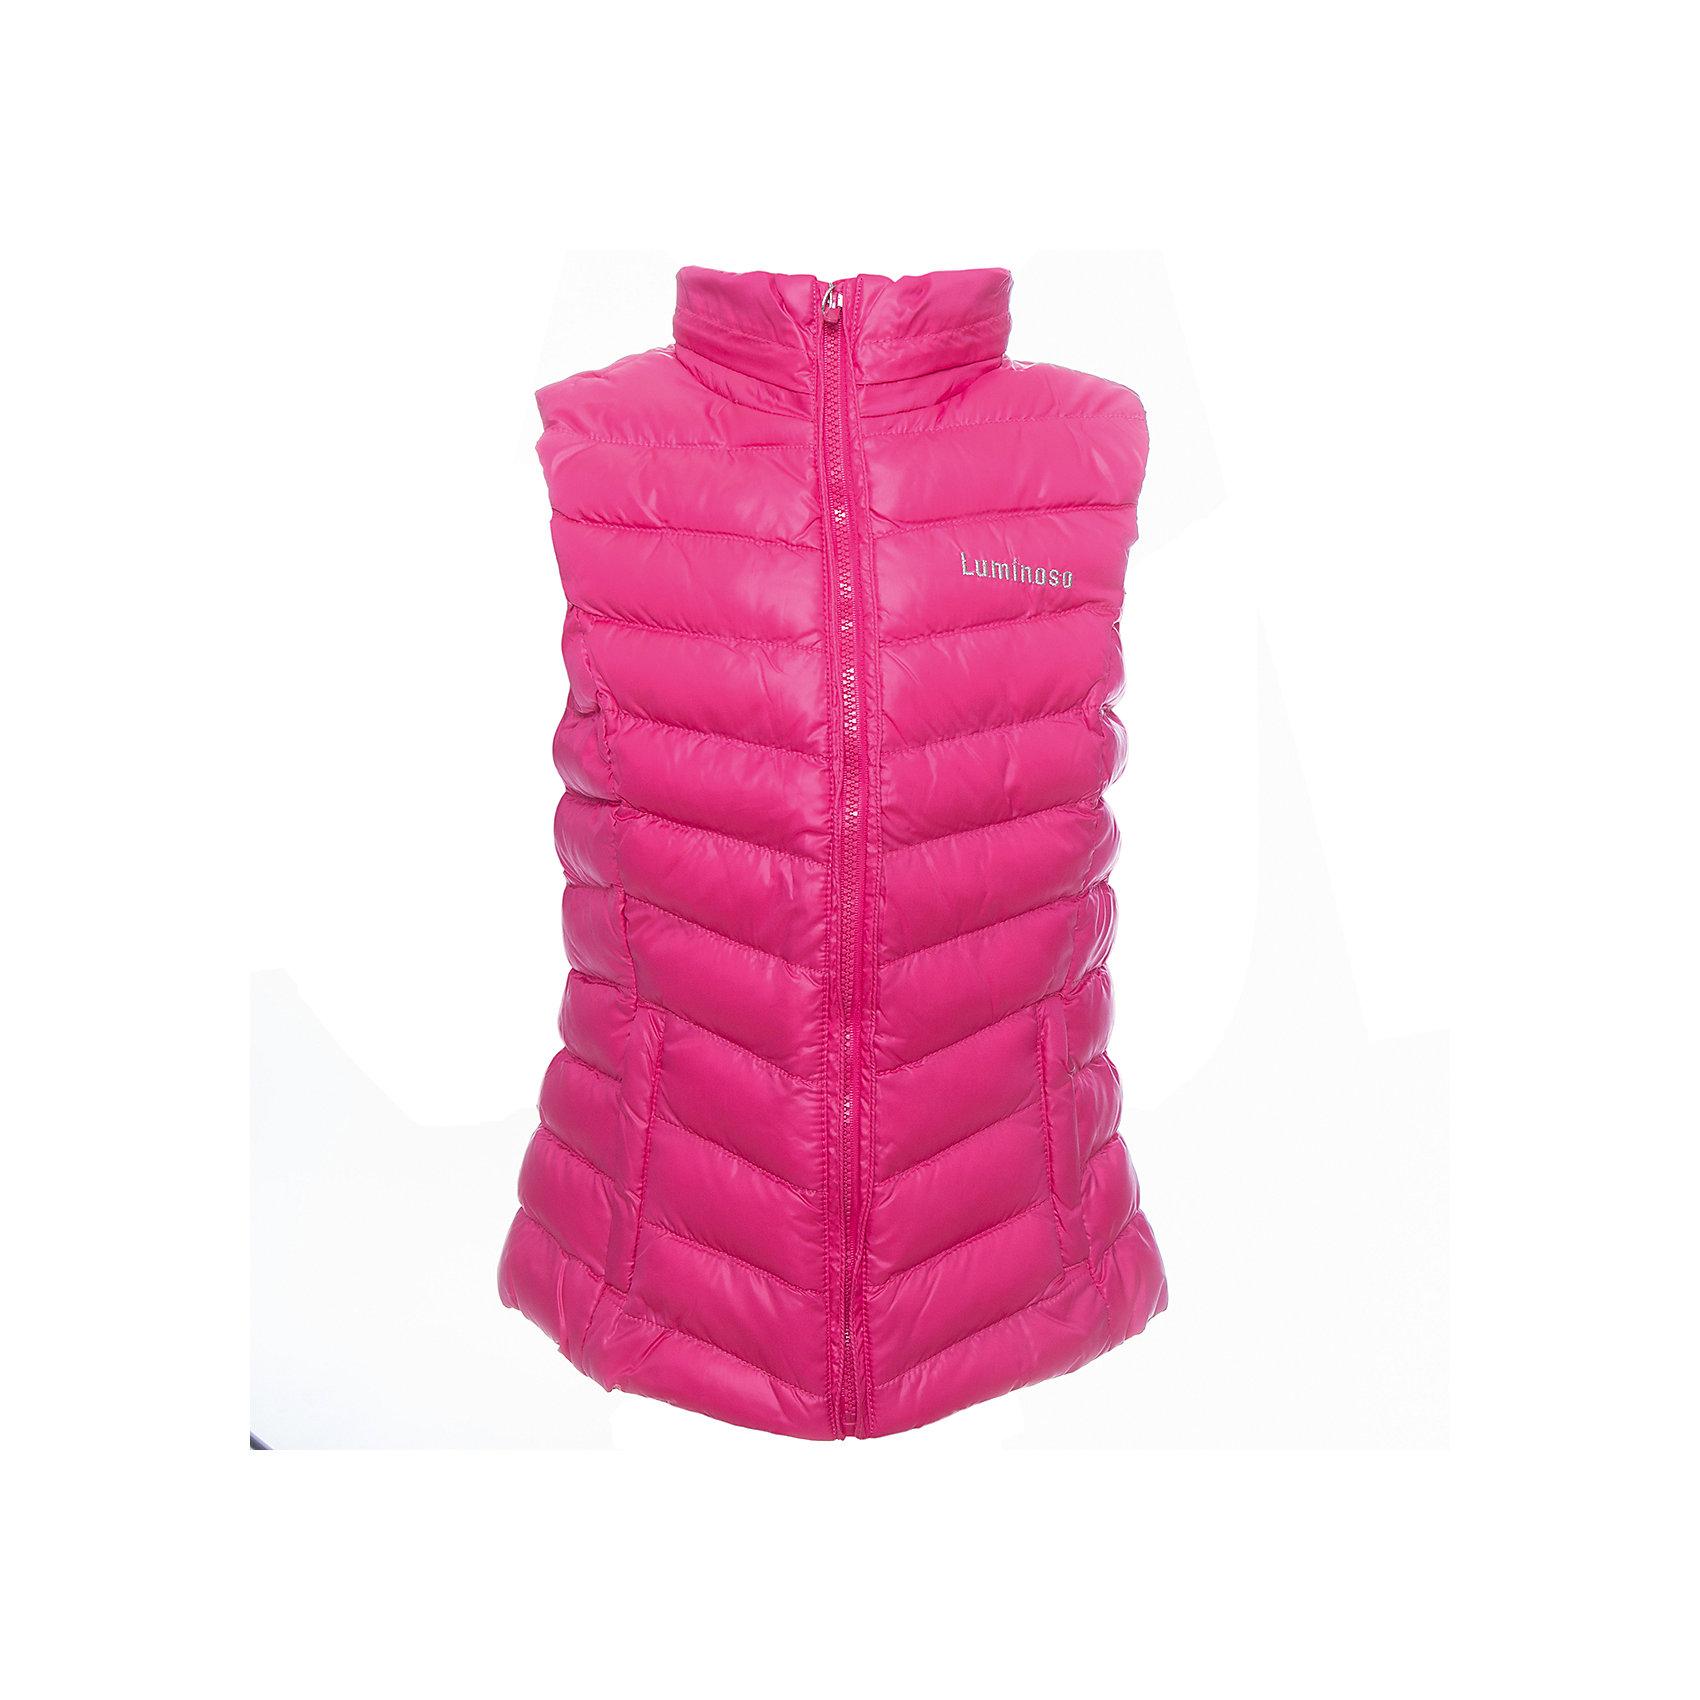 Жилет для девочки LuminosoВерхняя одежда<br>Жилетка легкая для девочки, ярко - розового цвета с отстегивающимся капюшоном.<br>Состав:<br>Верх: 100% полиэстер, Подкладка: 100%полиэстер, Наполнитель: 100%полиэстер<br><br>Ширина мм: 356<br>Глубина мм: 10<br>Высота мм: 245<br>Вес г: 519<br>Цвет: розовый<br>Возраст от месяцев: 156<br>Возраст до месяцев: 168<br>Пол: Женский<br>Возраст: Детский<br>Размер: 164,140,152,158,134,146<br>SKU: 4521660